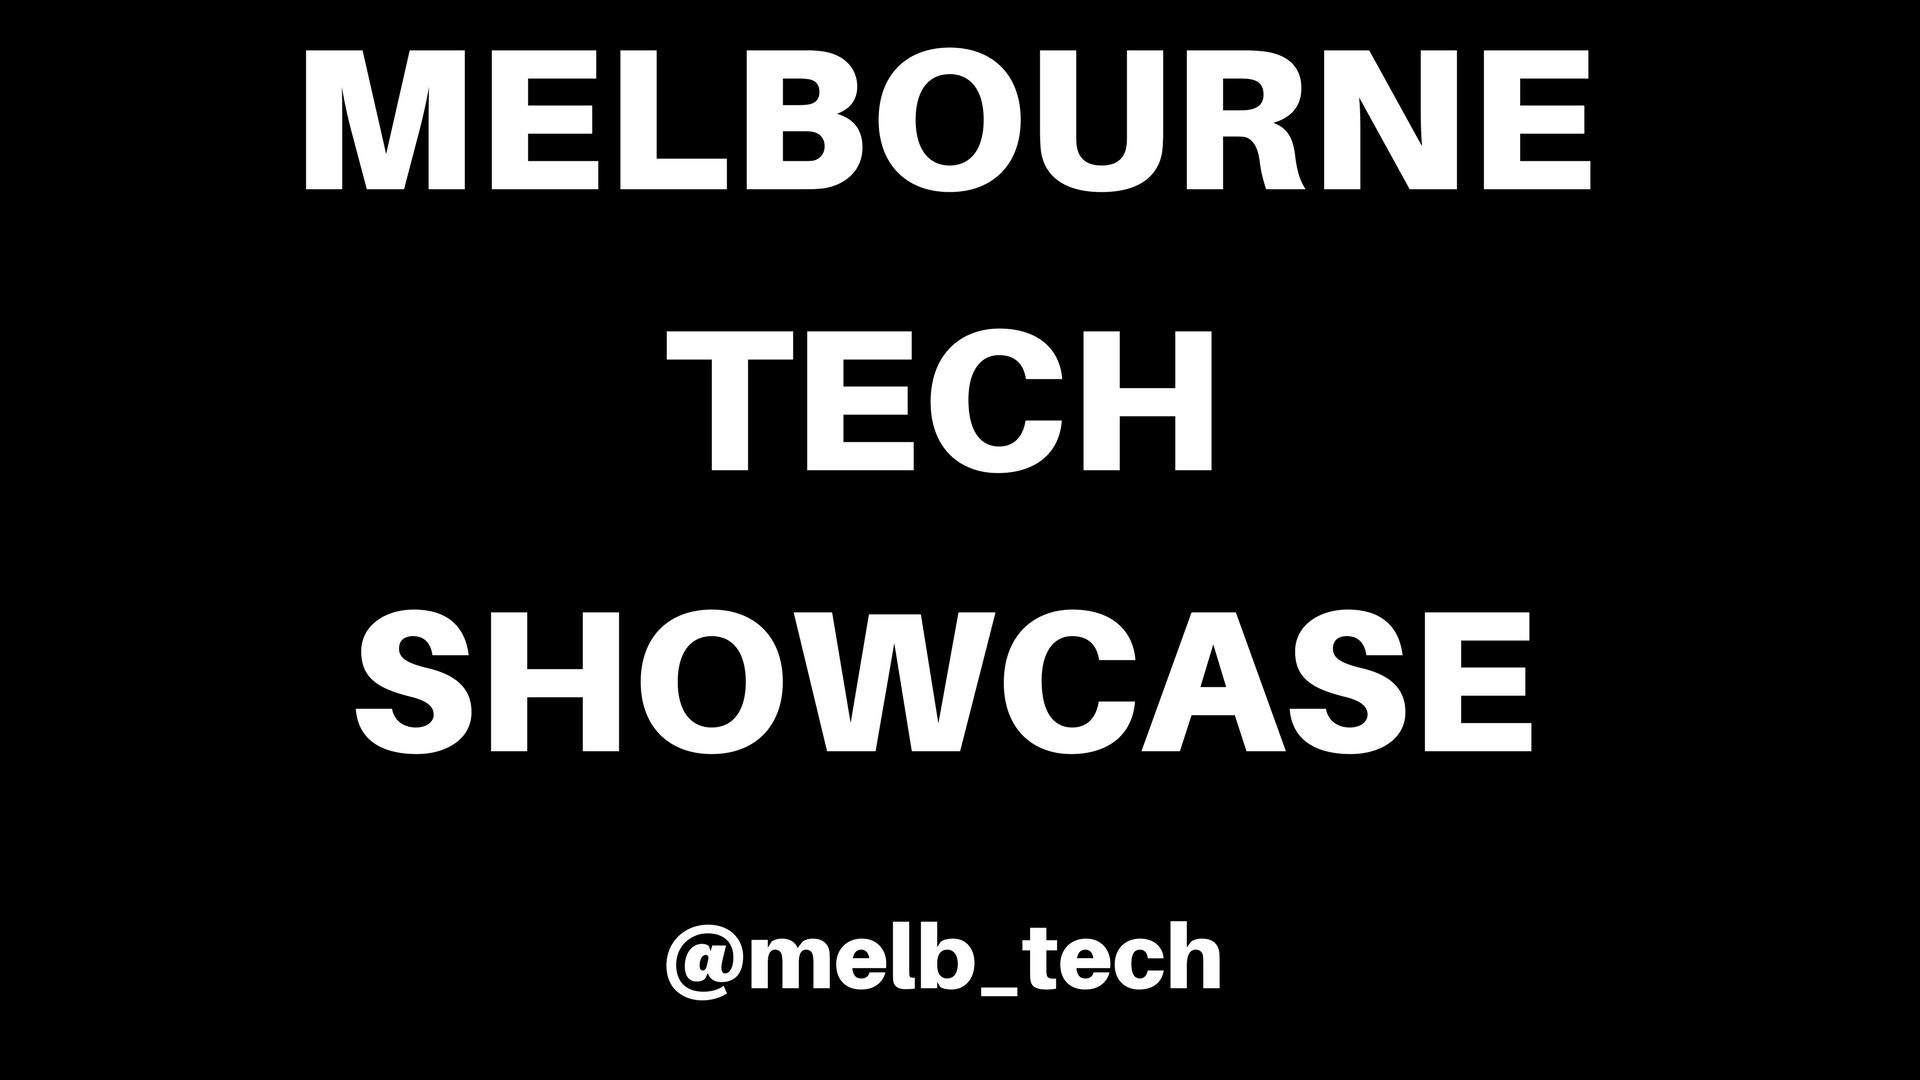 Melbourne Tech